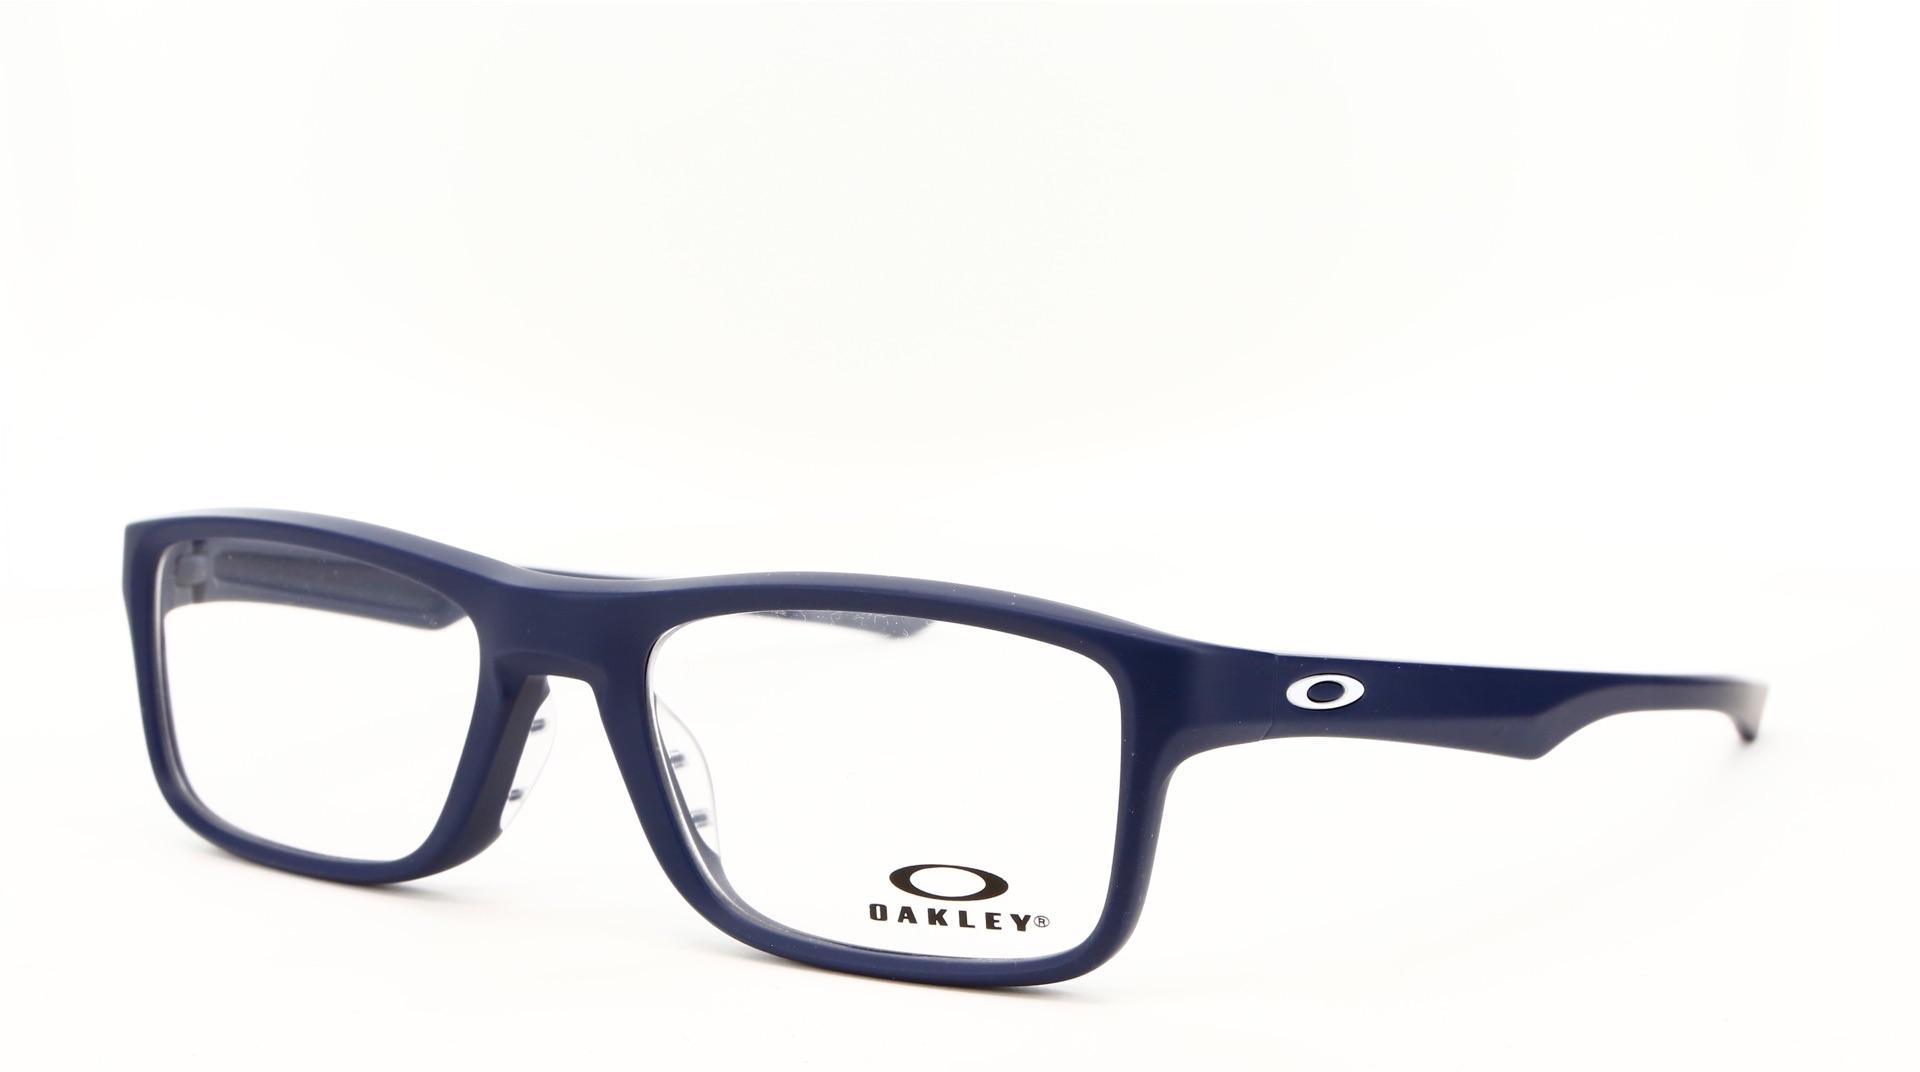 Oakley - ref: 76190